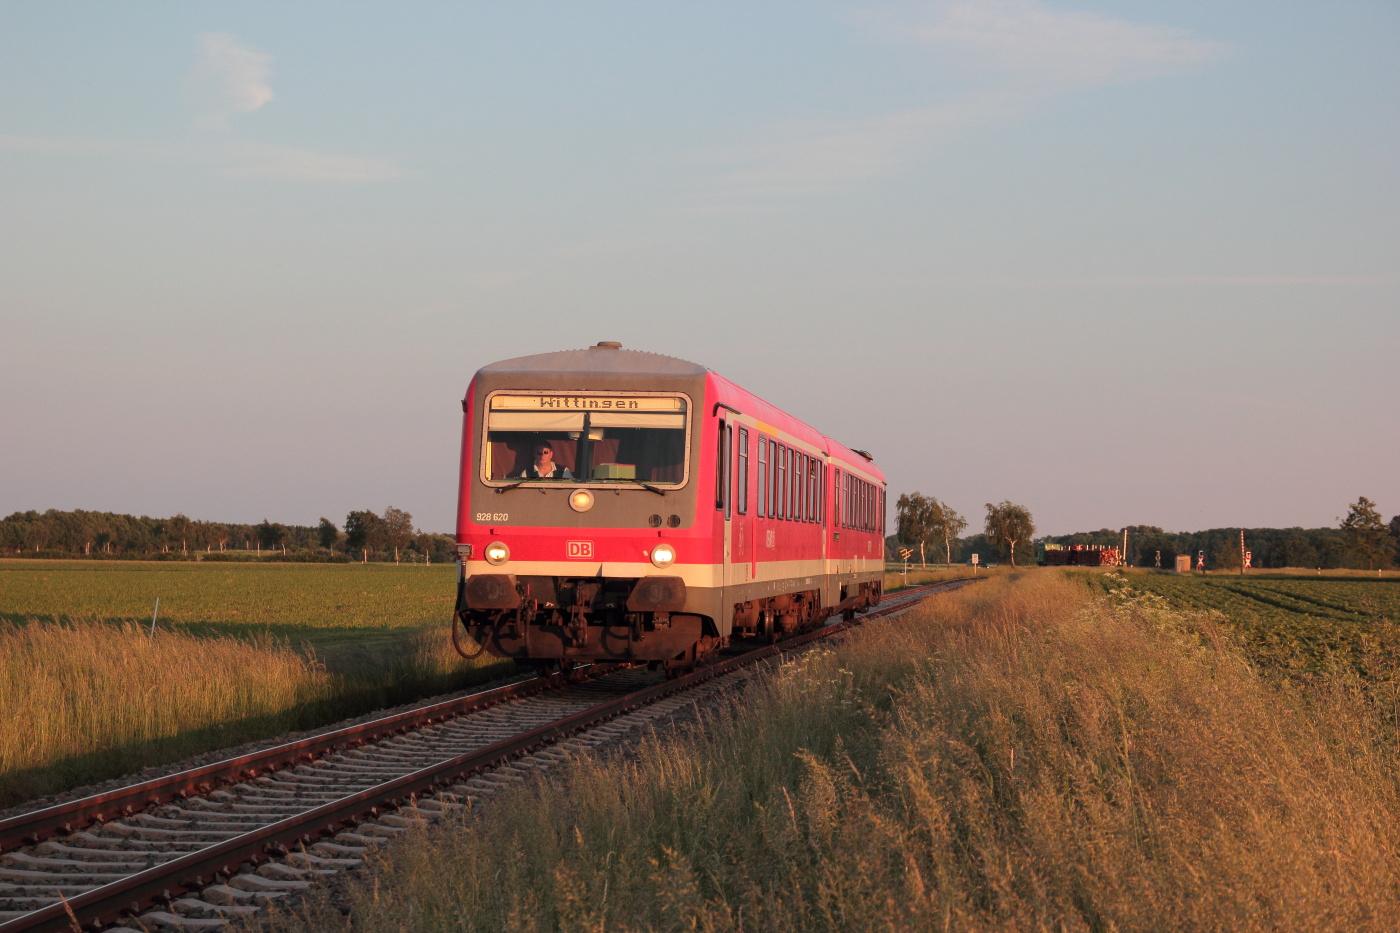 http://www.nachtbahner.de/Fotos/2014-05-30%20KBS%20115%20M%c3%bchlenbahn%20Uelzen%20-%20Braunschweig%20/k-IMG_6511%20KBS%20115%20M%c3%bchlenbahn%2030.05.14%20(14).JPG